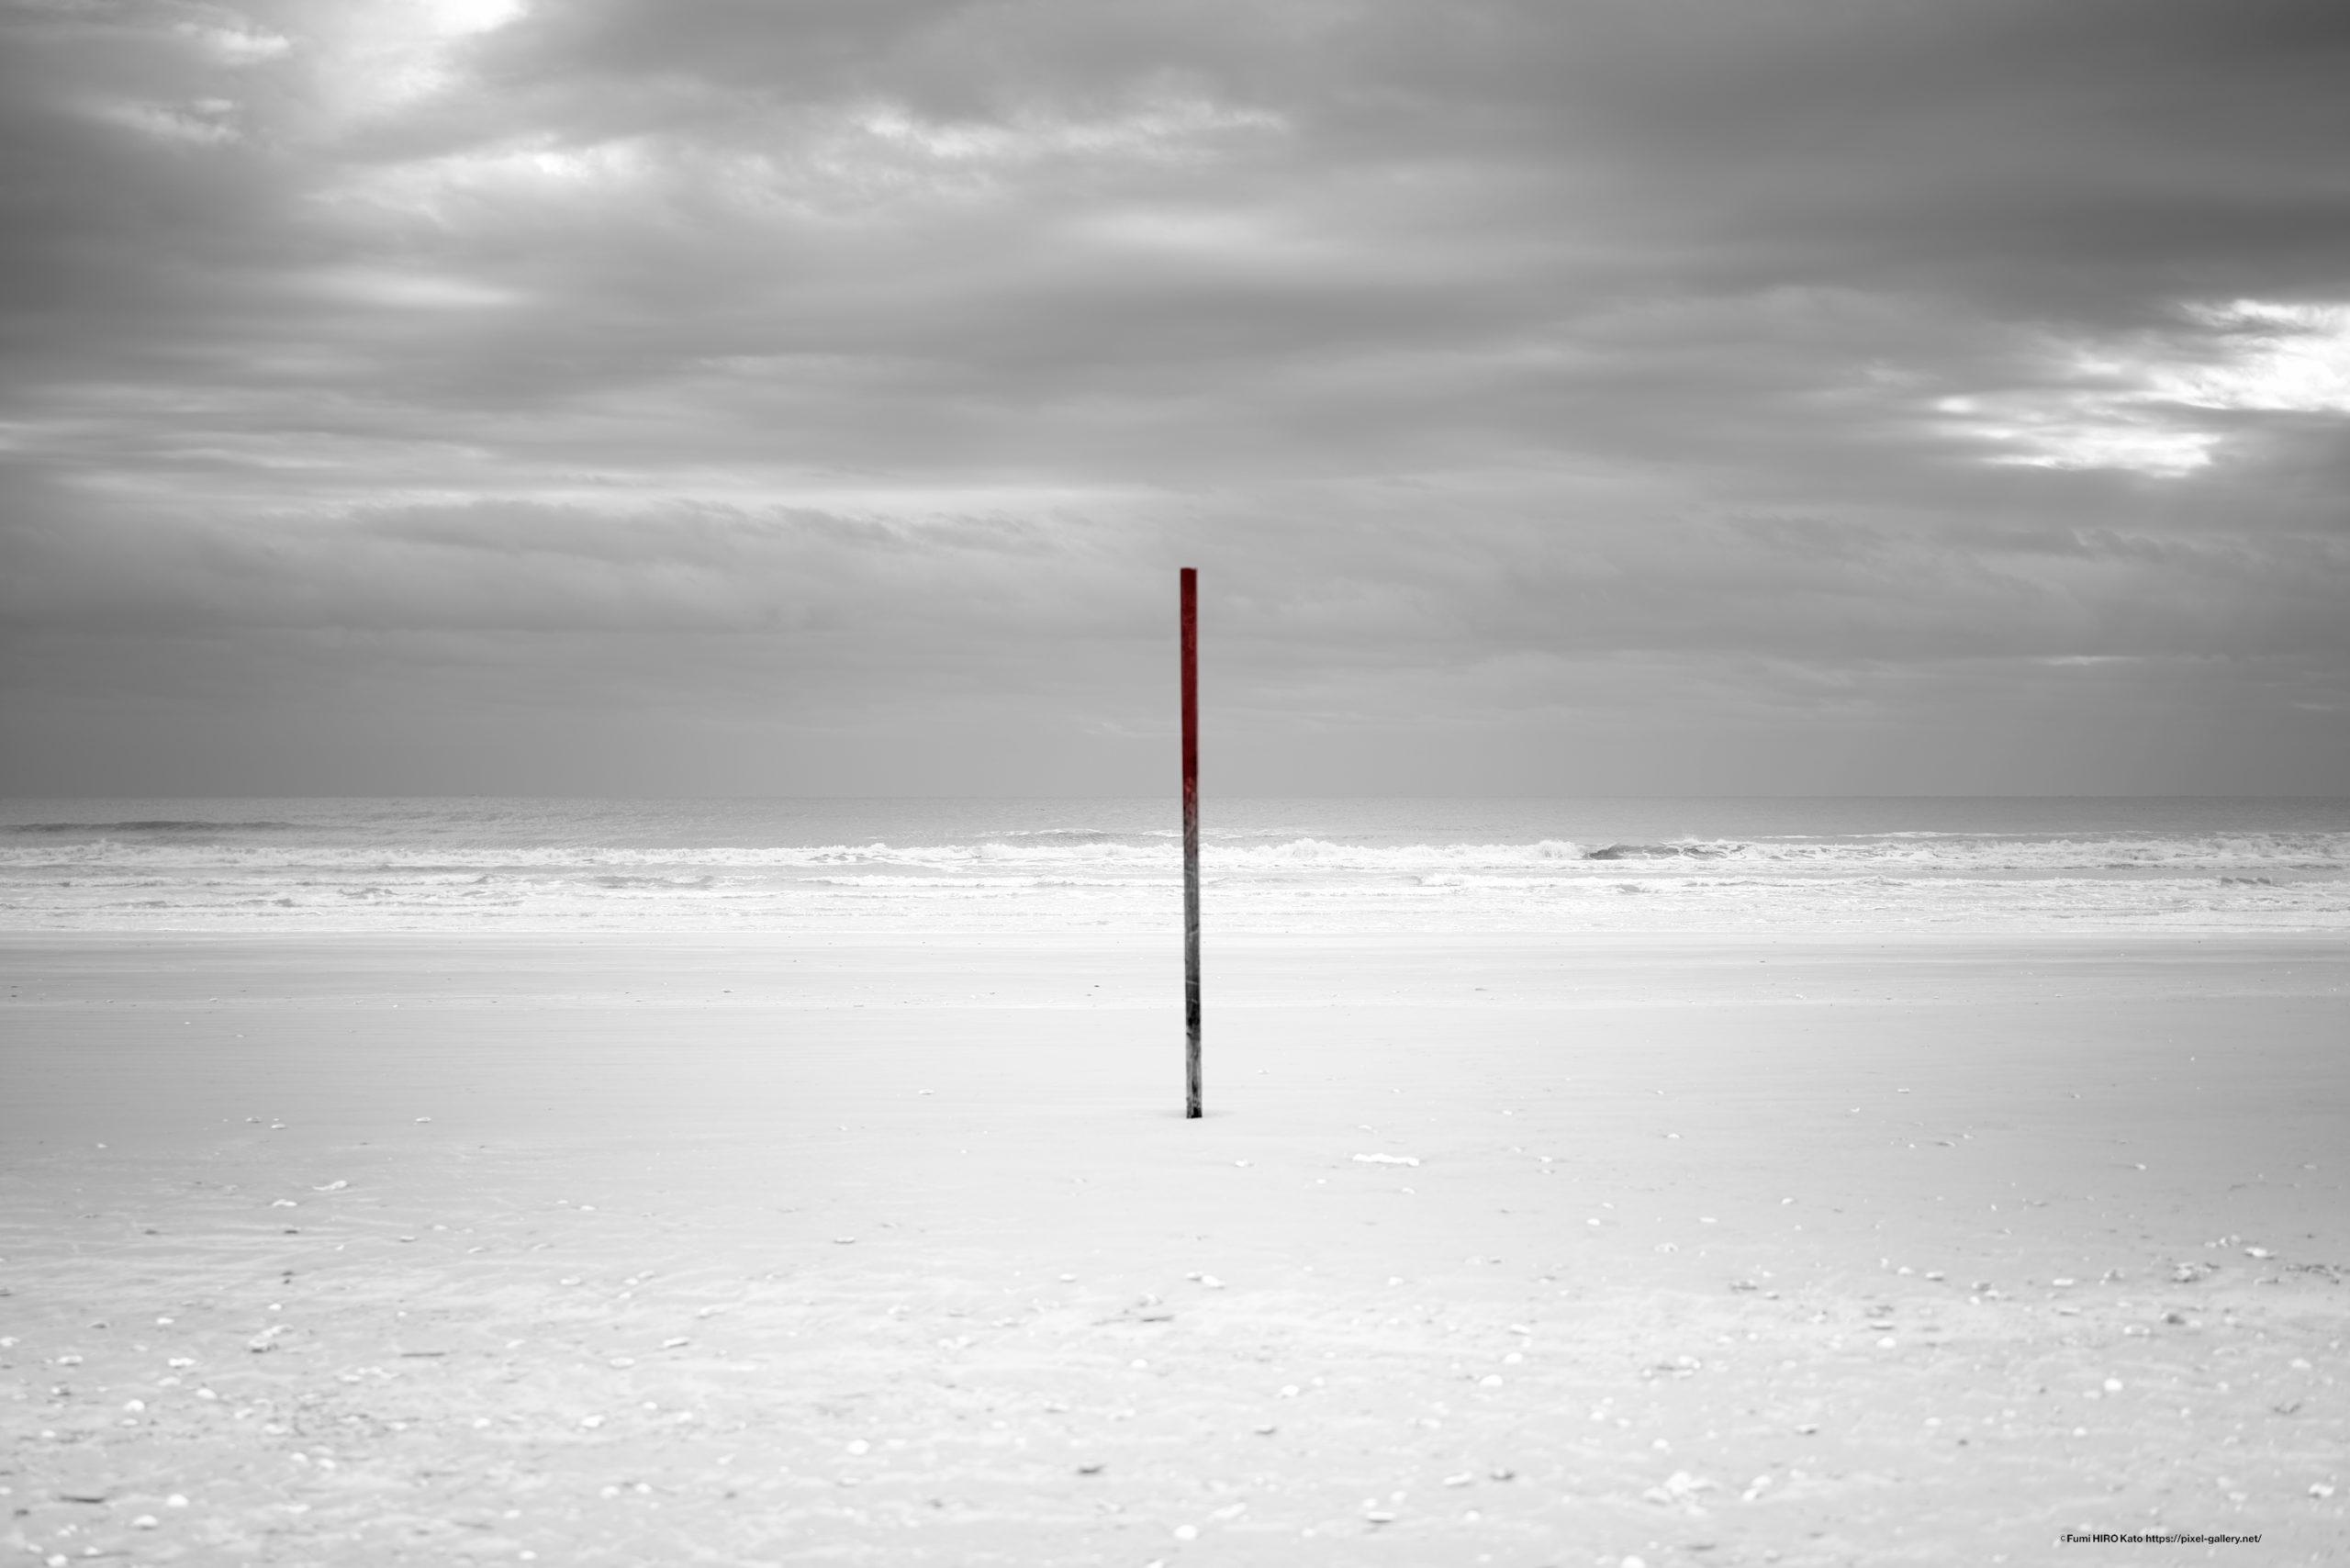 惑星と文明 20-001 時間は砂となって降り積もる